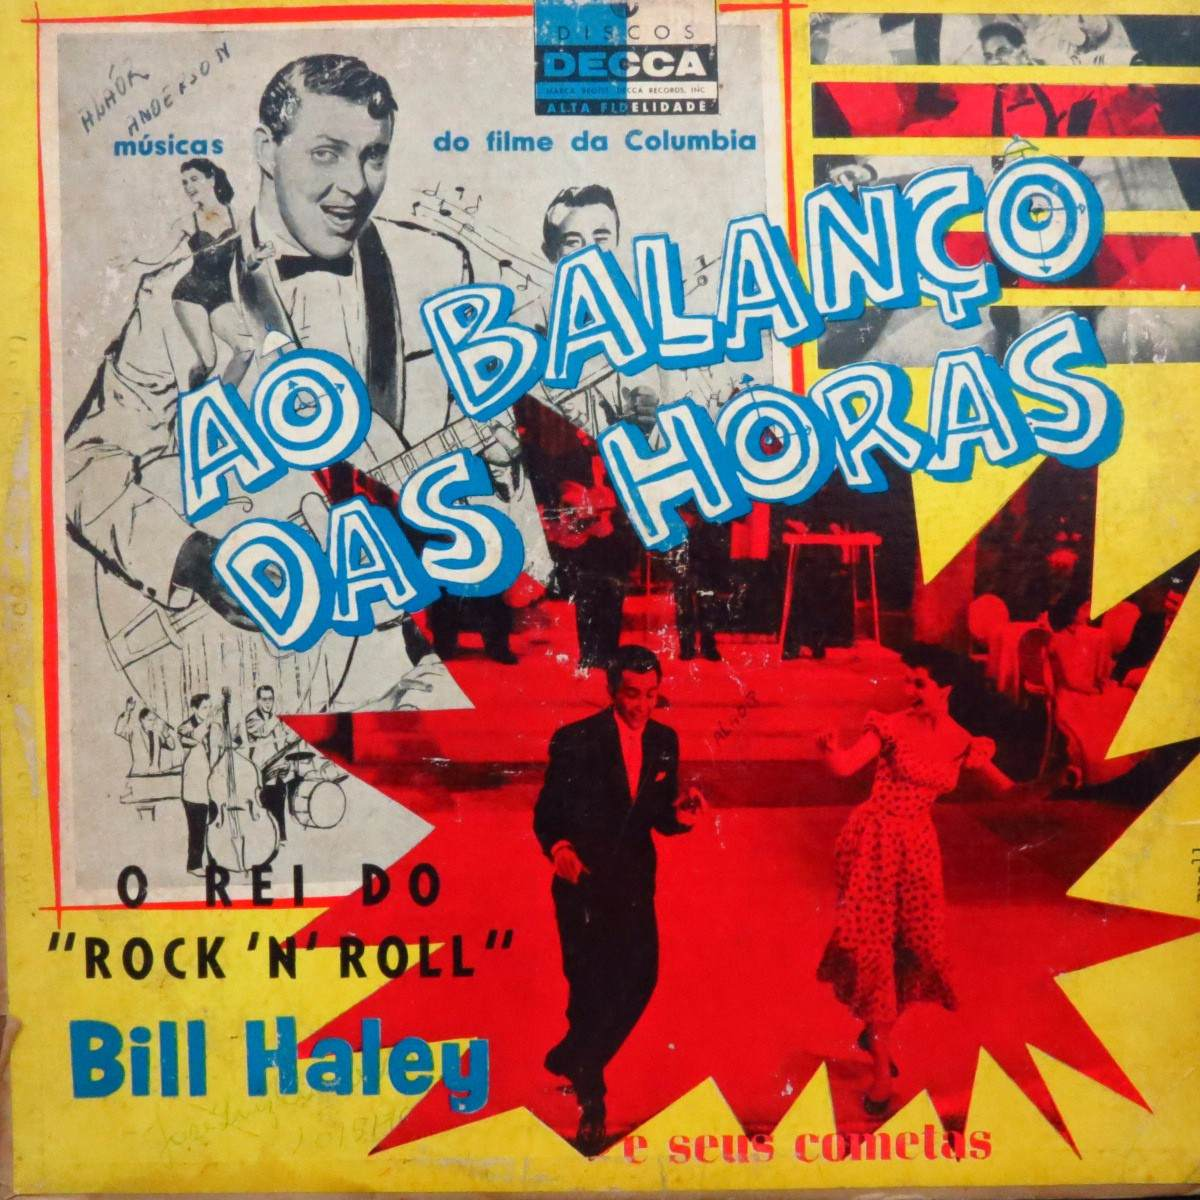 bill haley e seus cometas